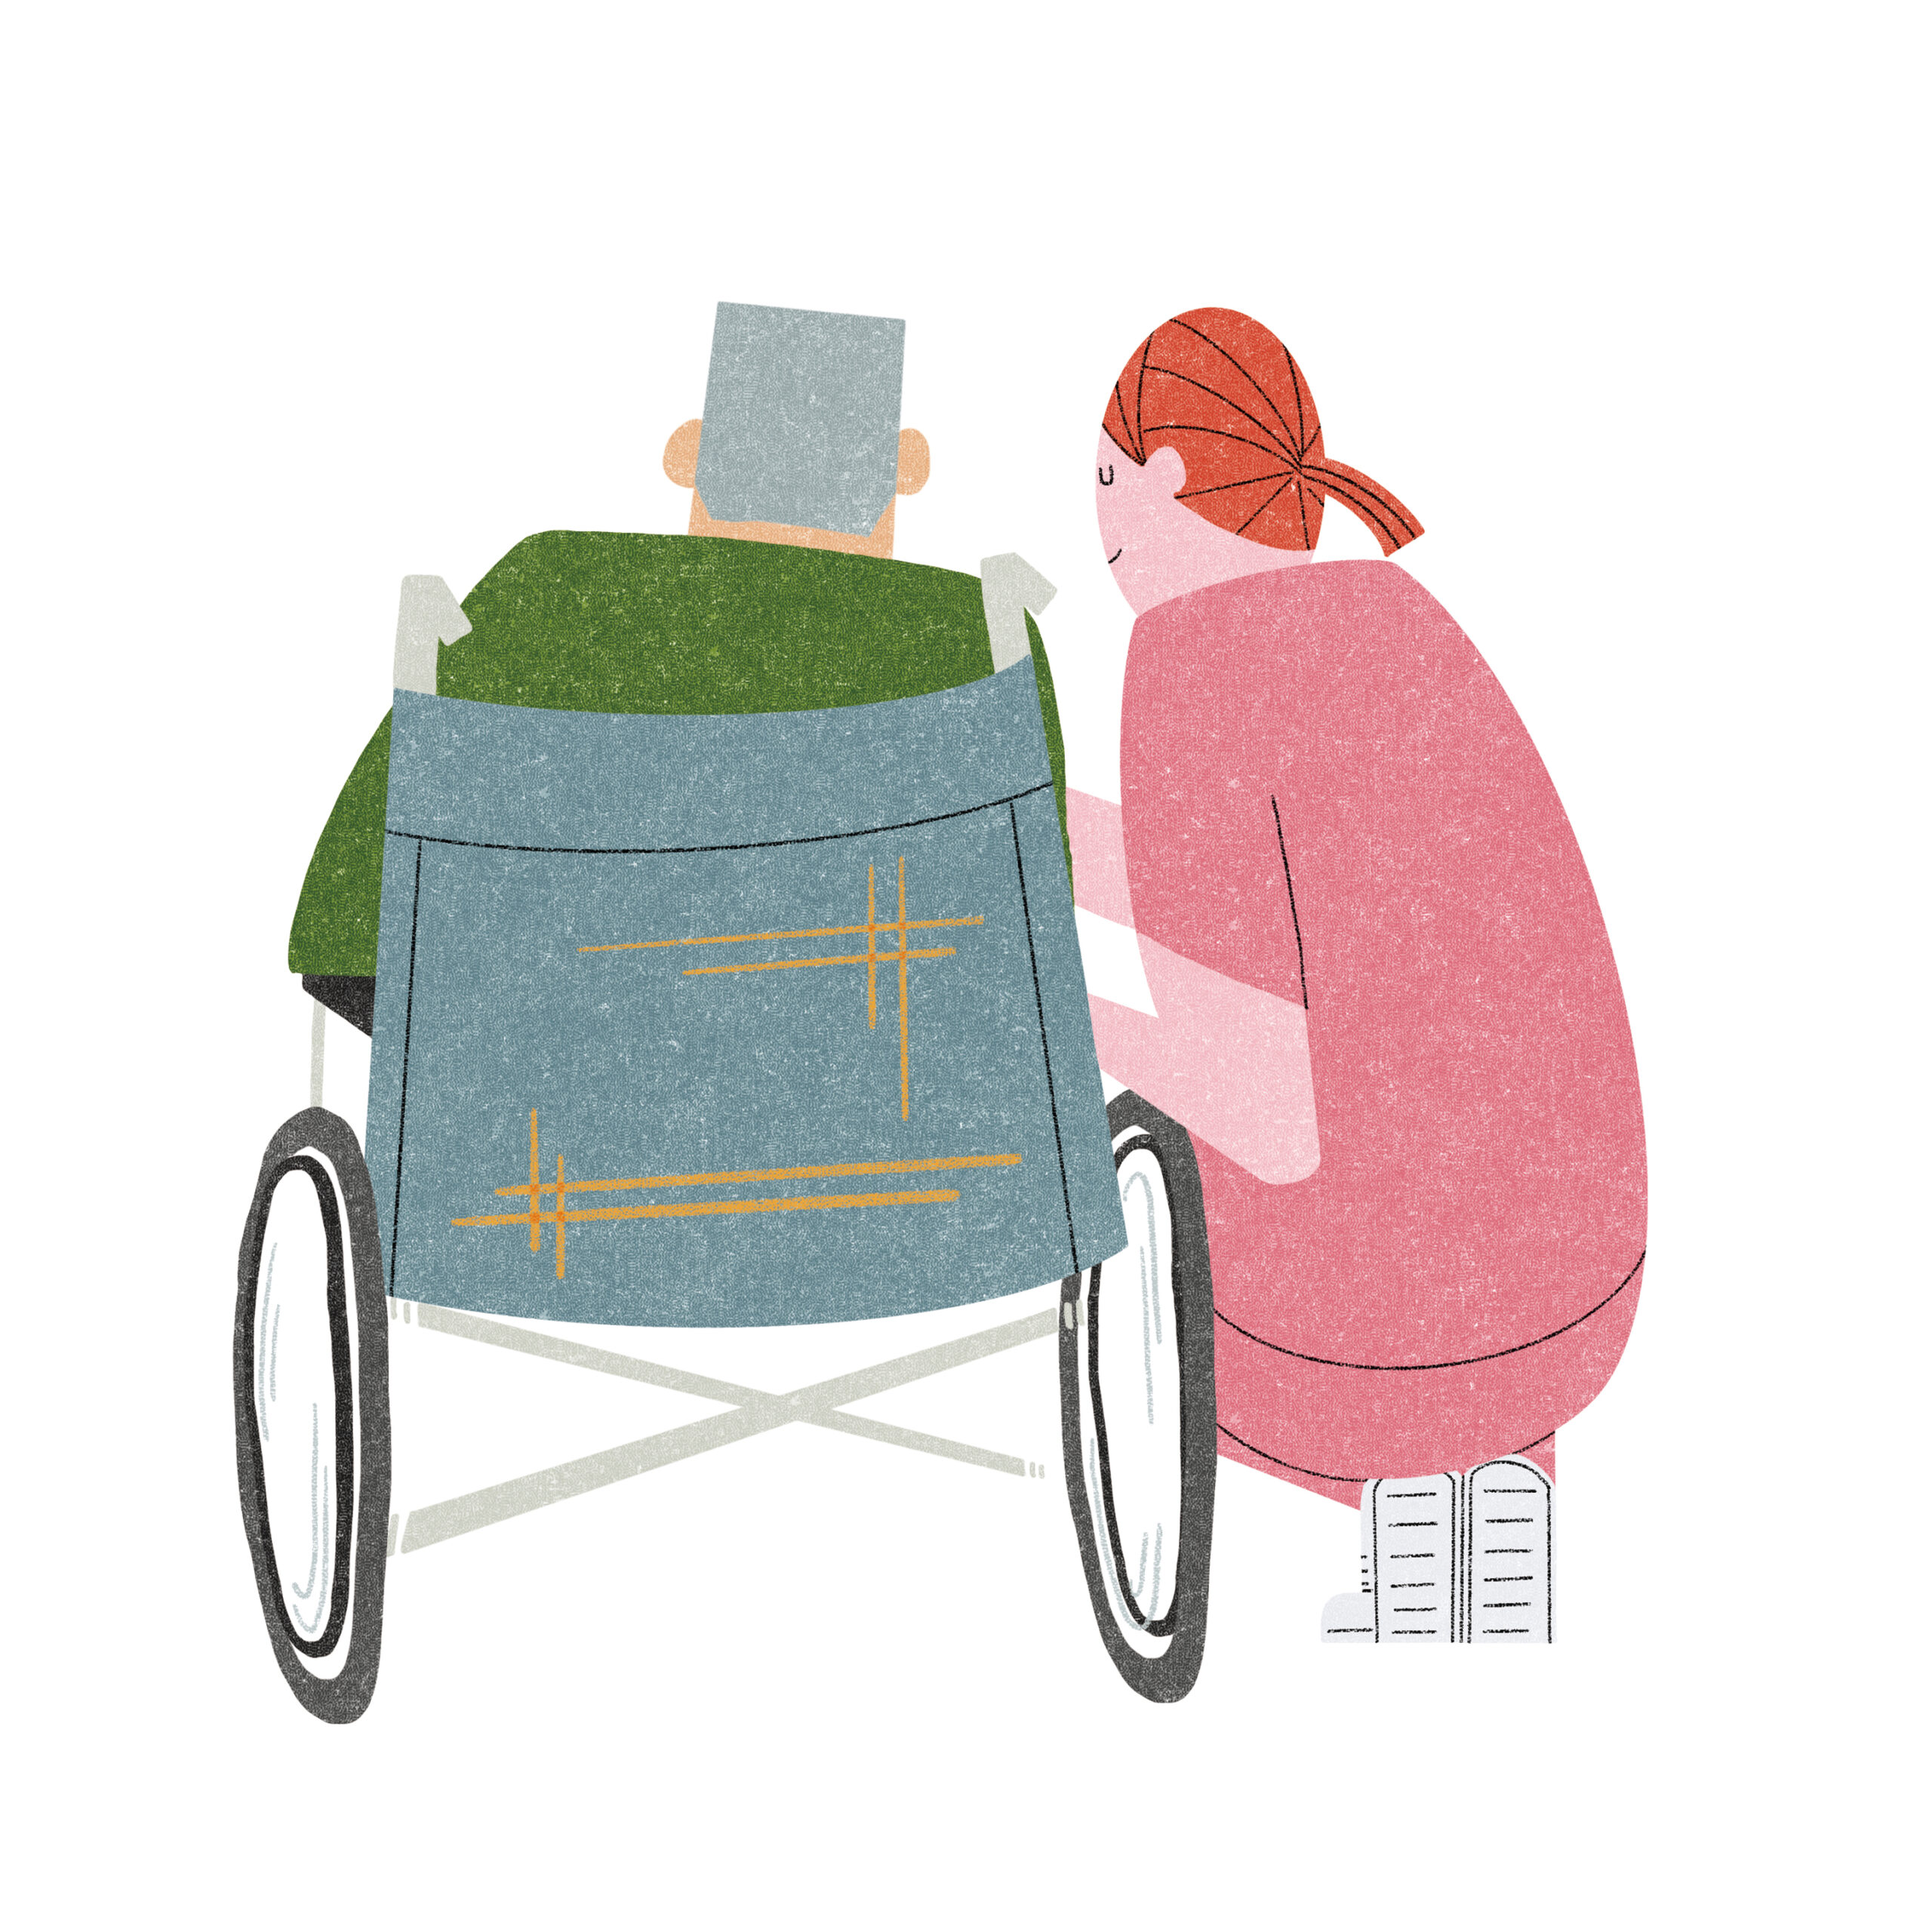 病状・障がいの観察および体調管理